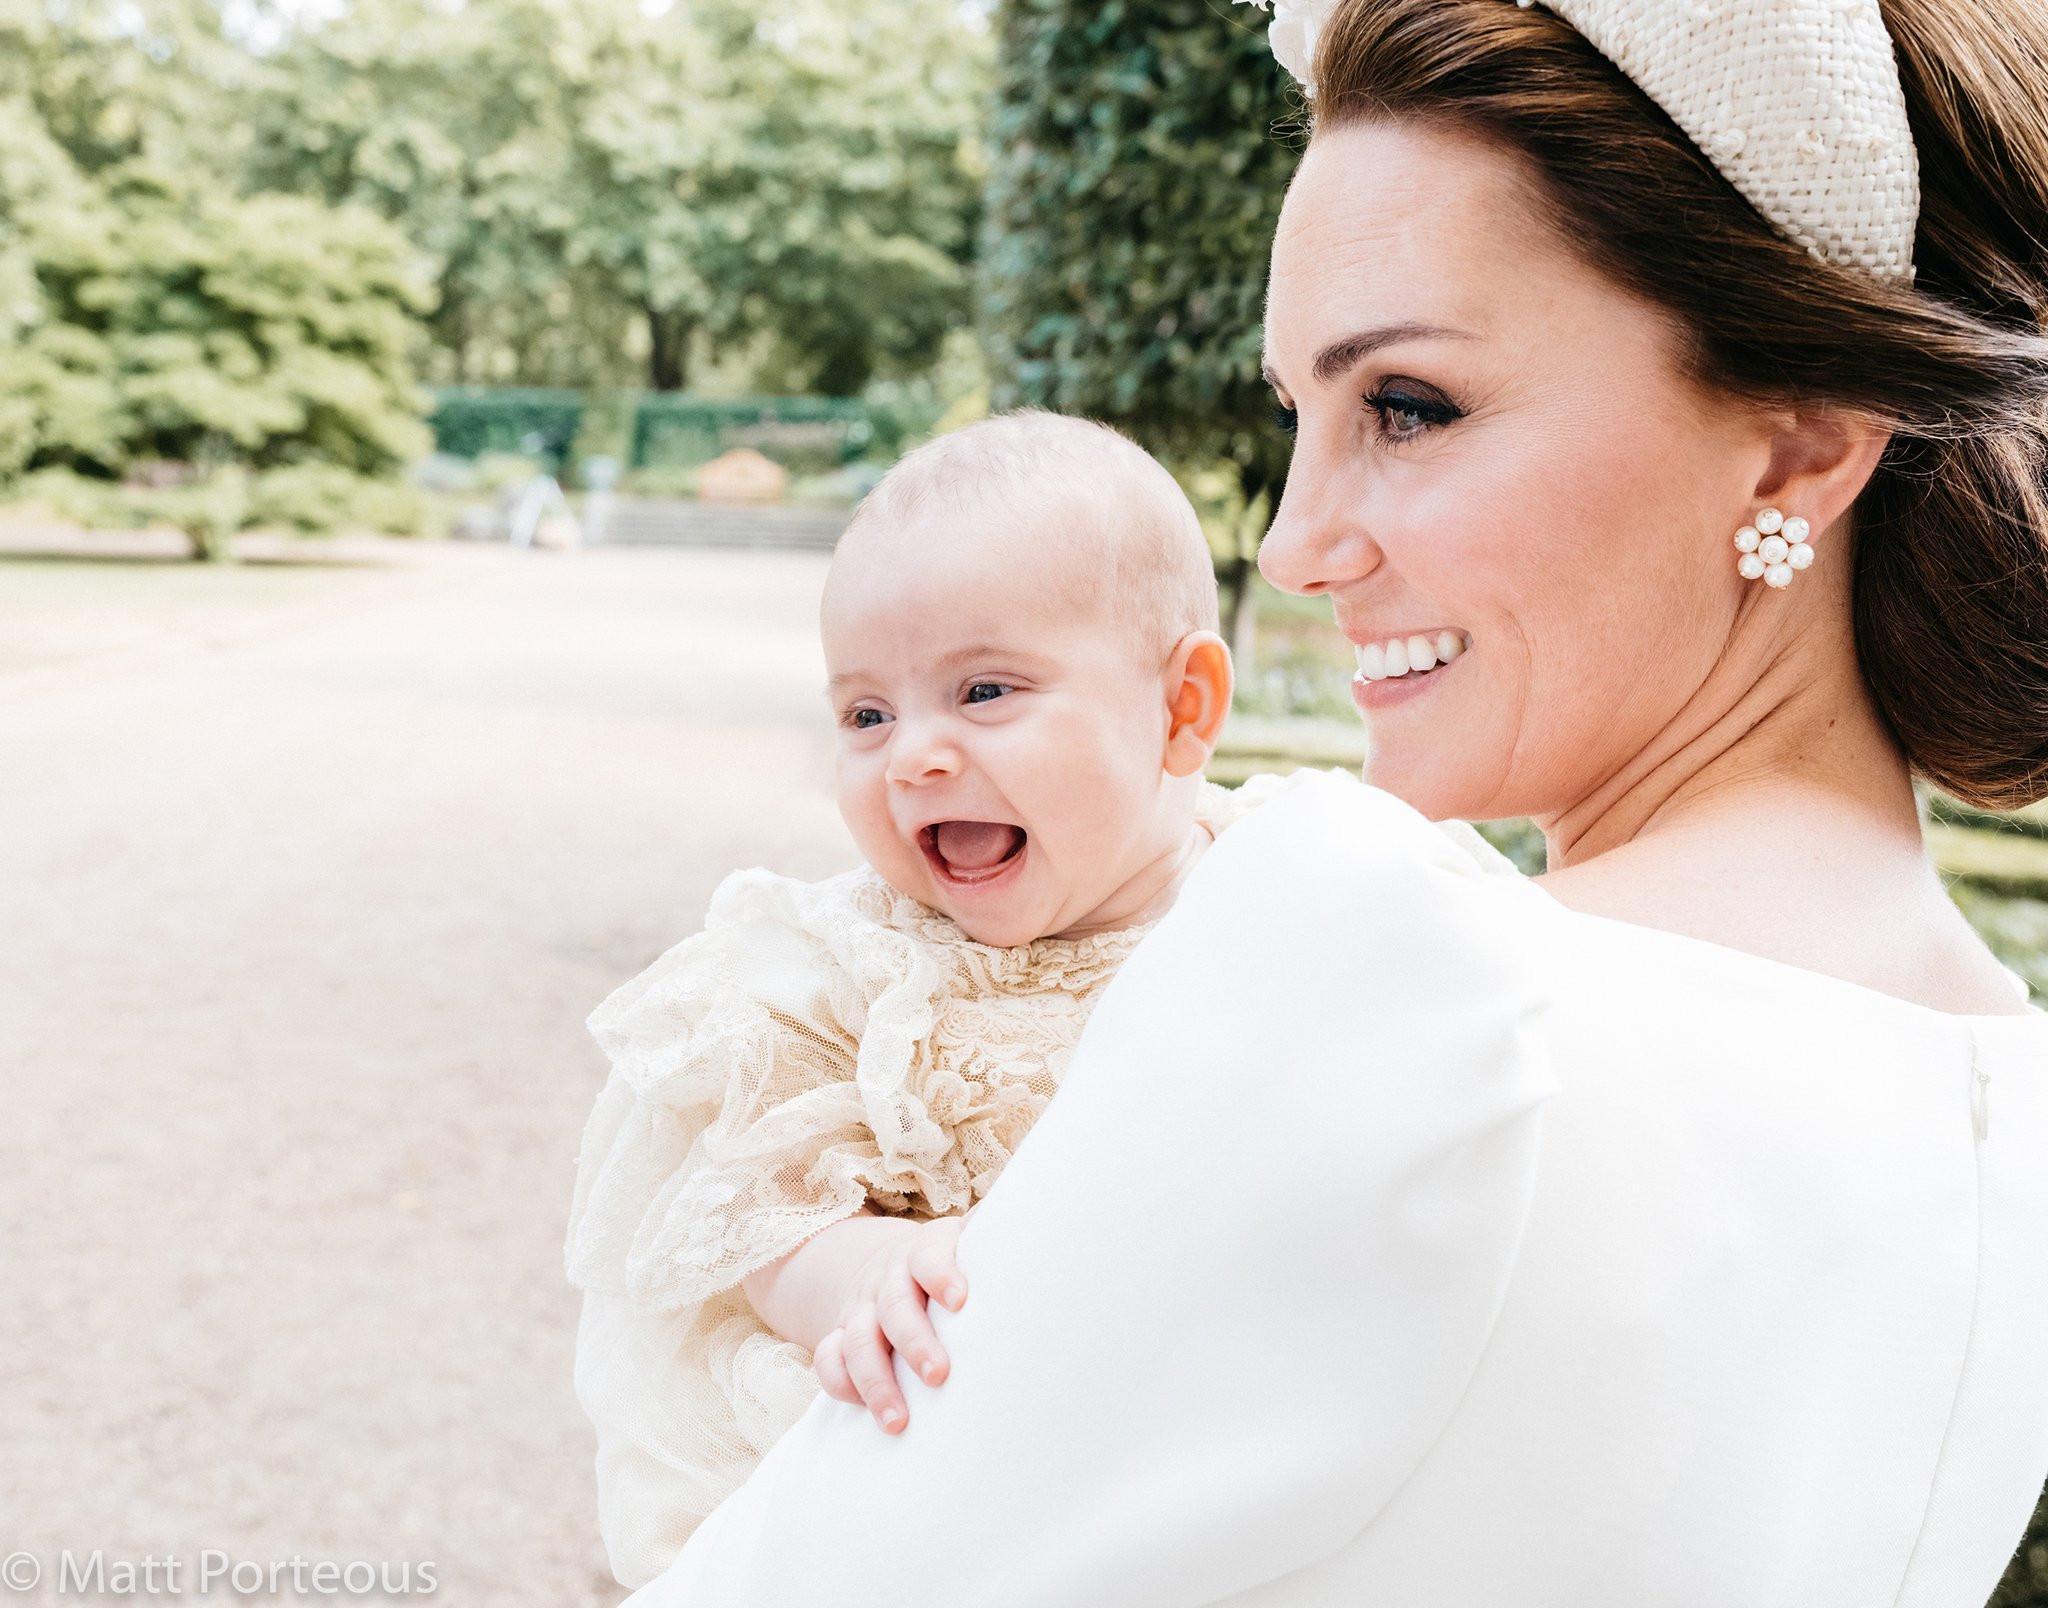 Η Κέιτ Μίντλετον ανέβασε φωτογραφίες από την βάφτιση του 12 εβδομάδων γιου της και είναι ό,τι πιο γλυκό θα δεις σήμερα